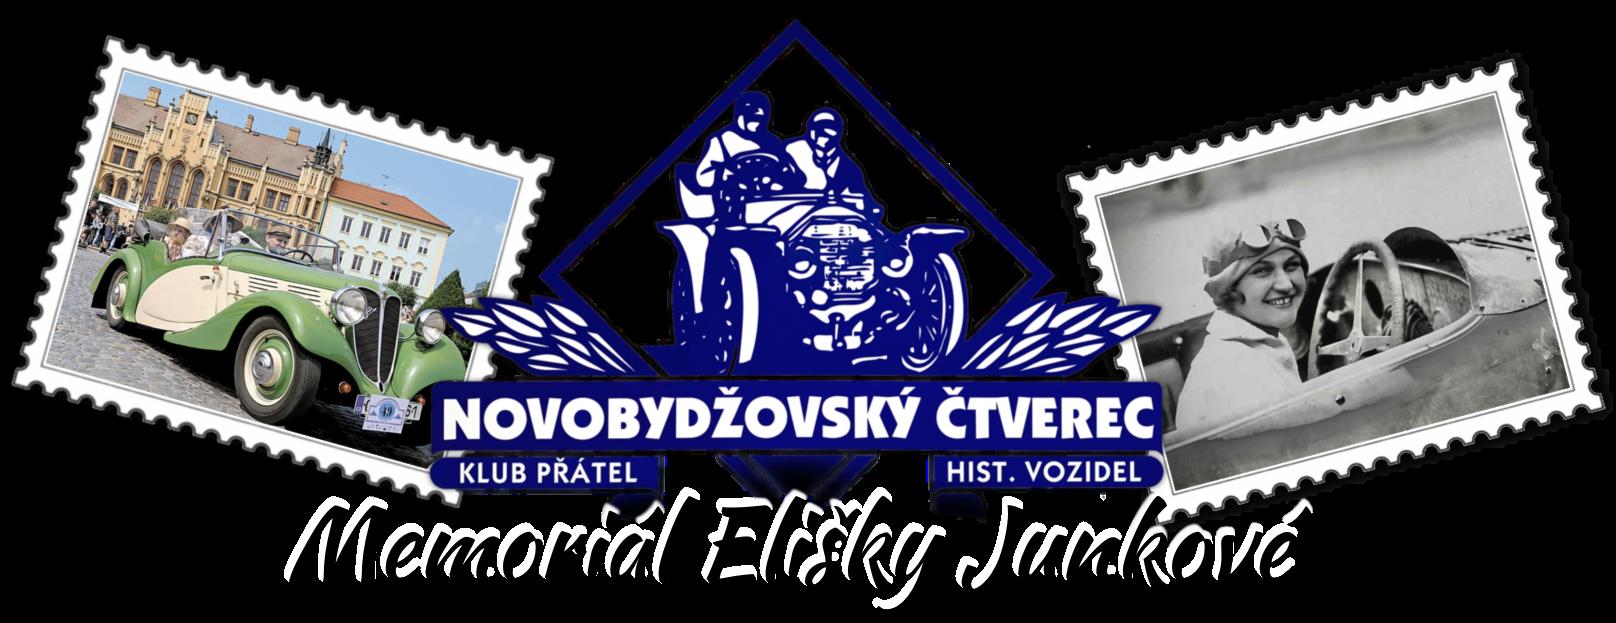 Novobydžovský čtverec